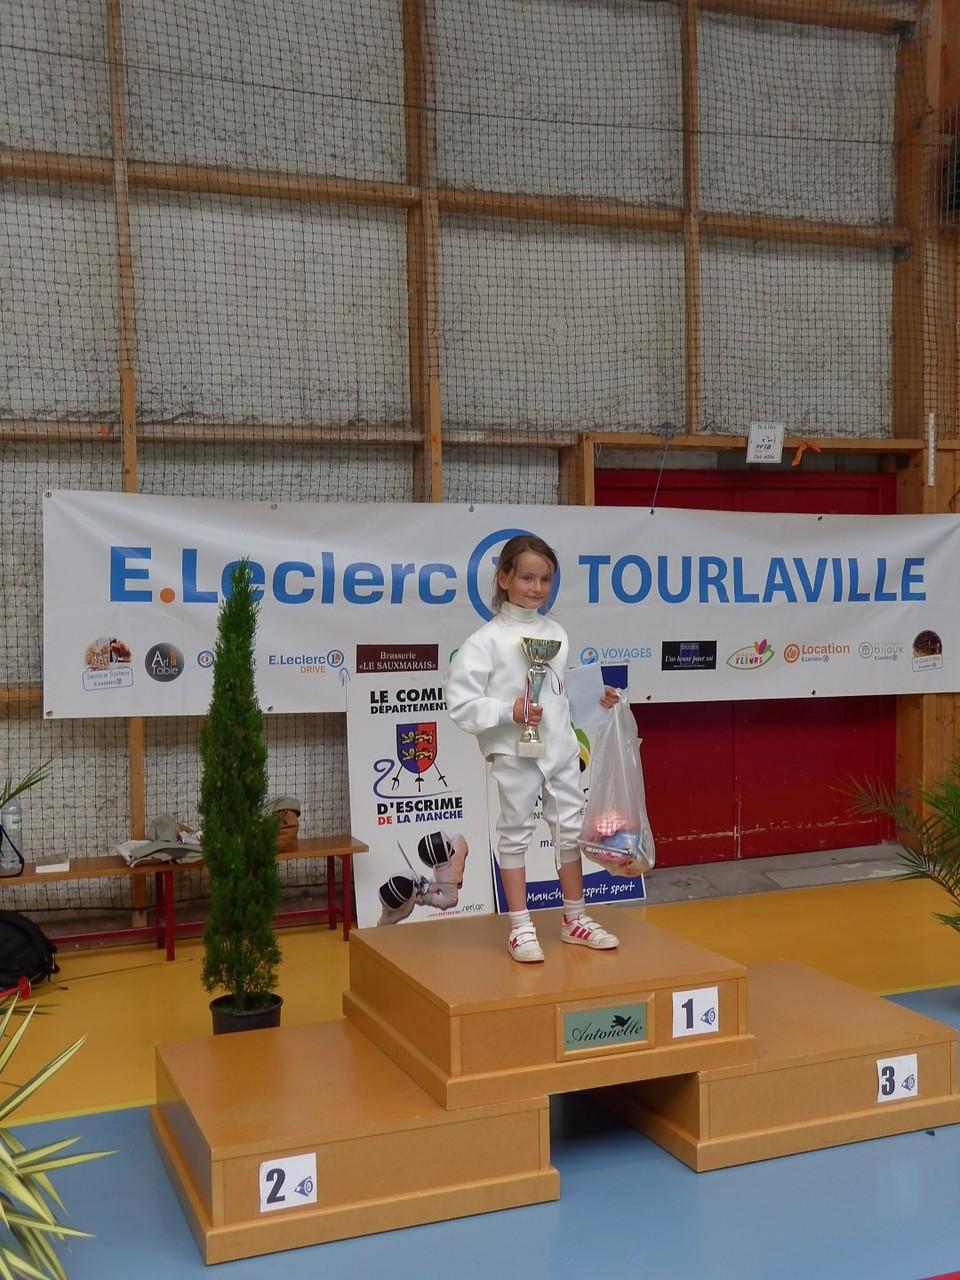 podium poussine avec mathilde, seule mais ayant gagné contre des poussins